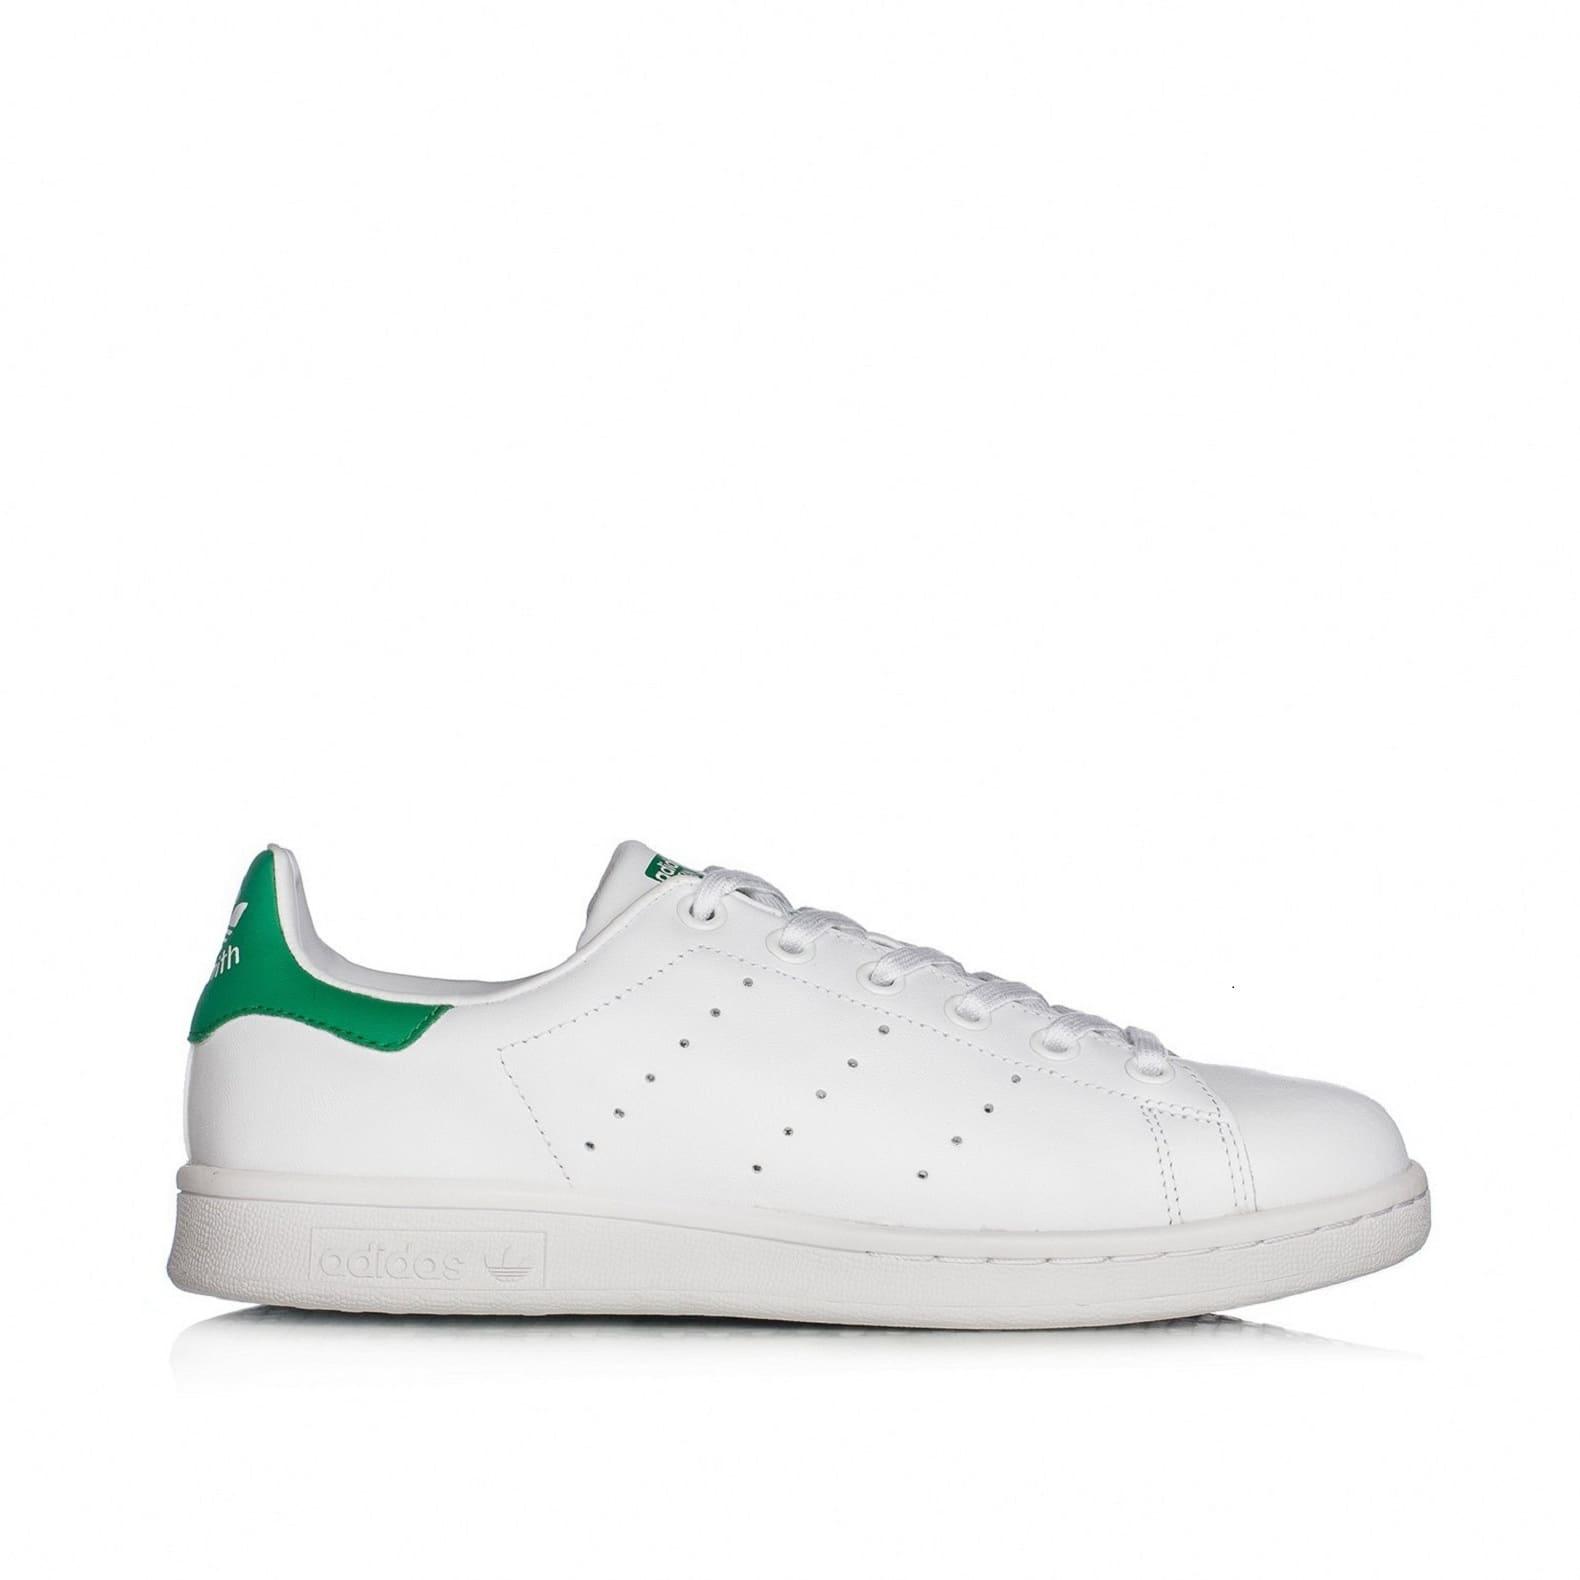 7f1acf769df5 Купить оригинальные кроссовки adidas Originals Stan Smith W — цены ...